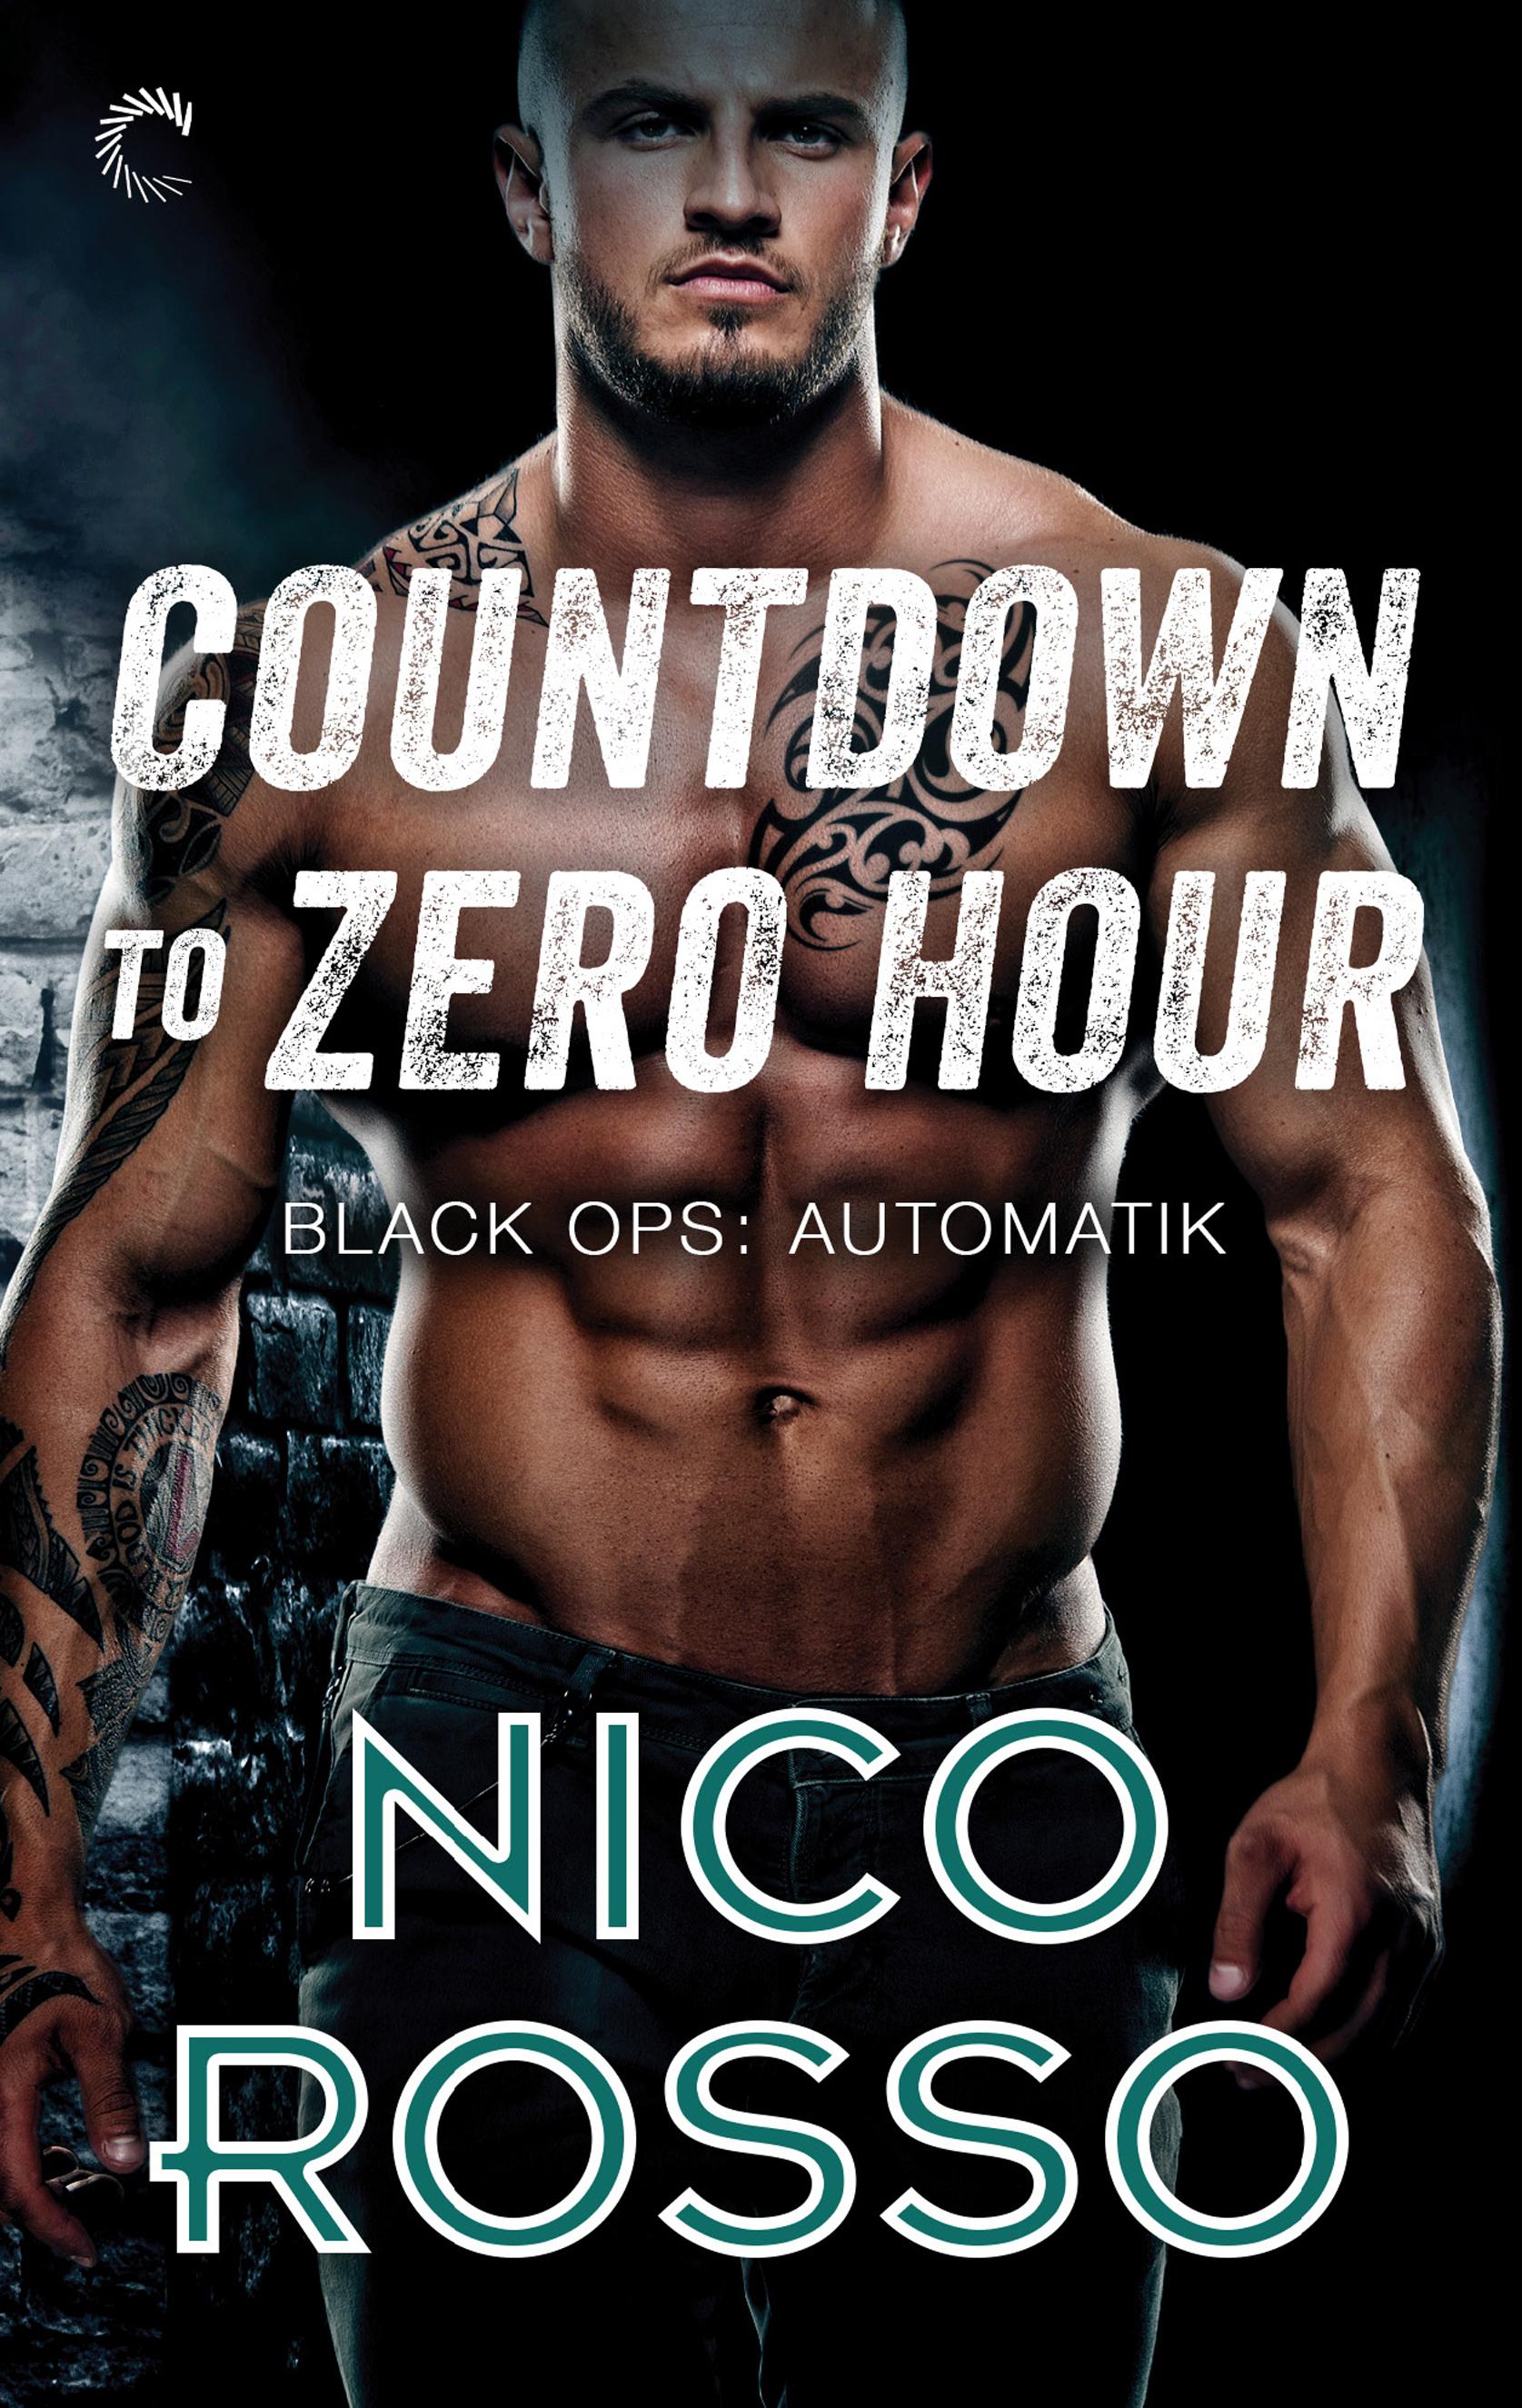 Countdown to Zero Hour (Black Ops: Automatik #1) Nico Rosso